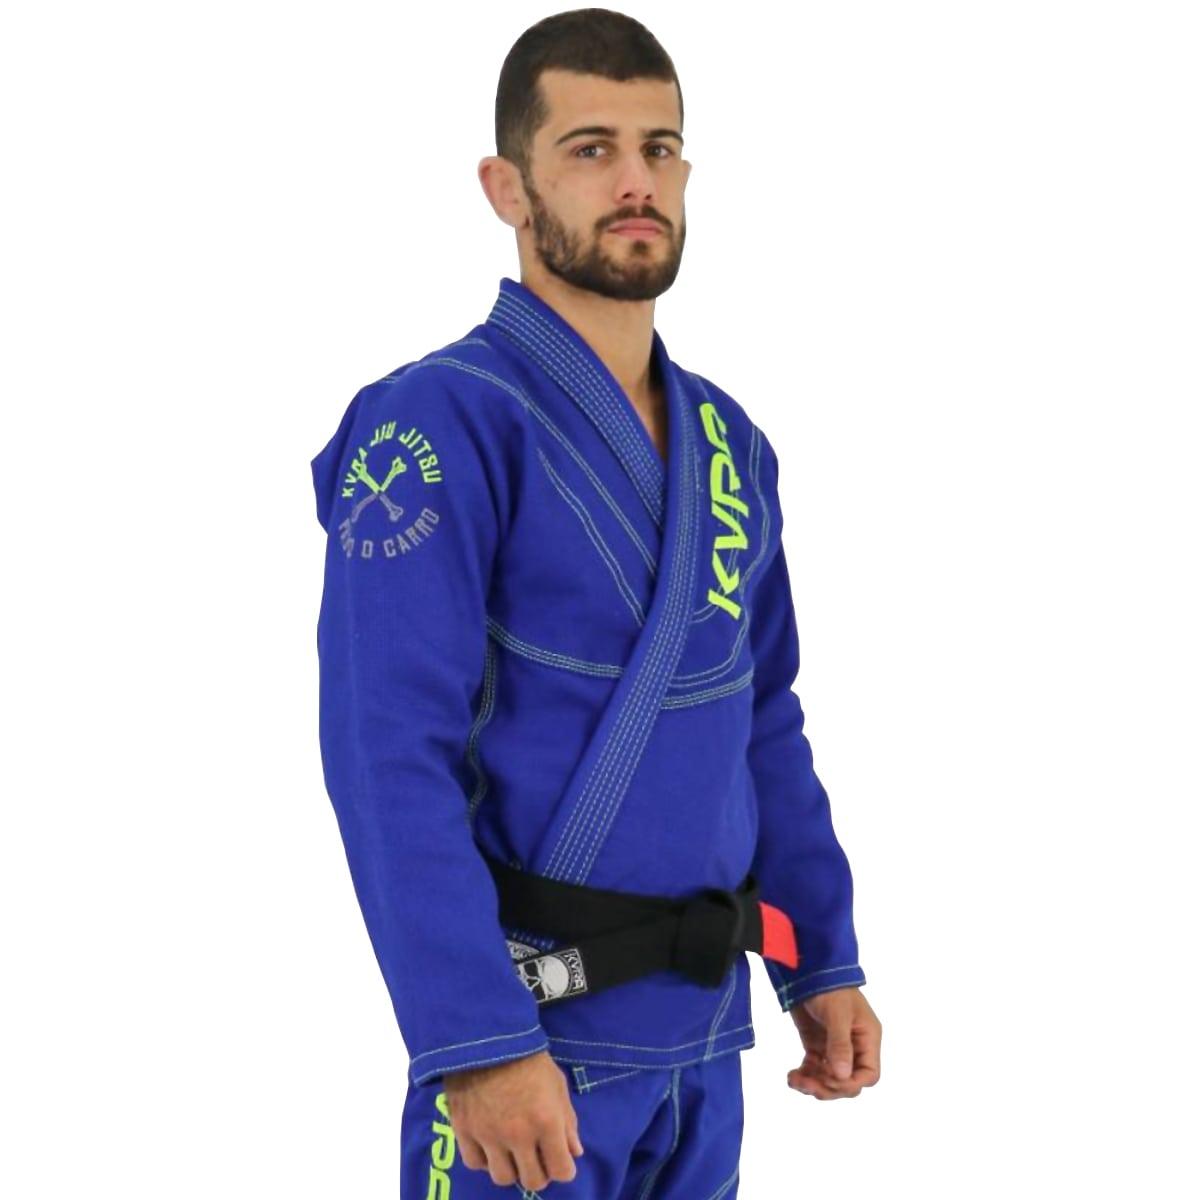 Kimono Jiu-Jitsu Adulto Kvra Shadow - Azul